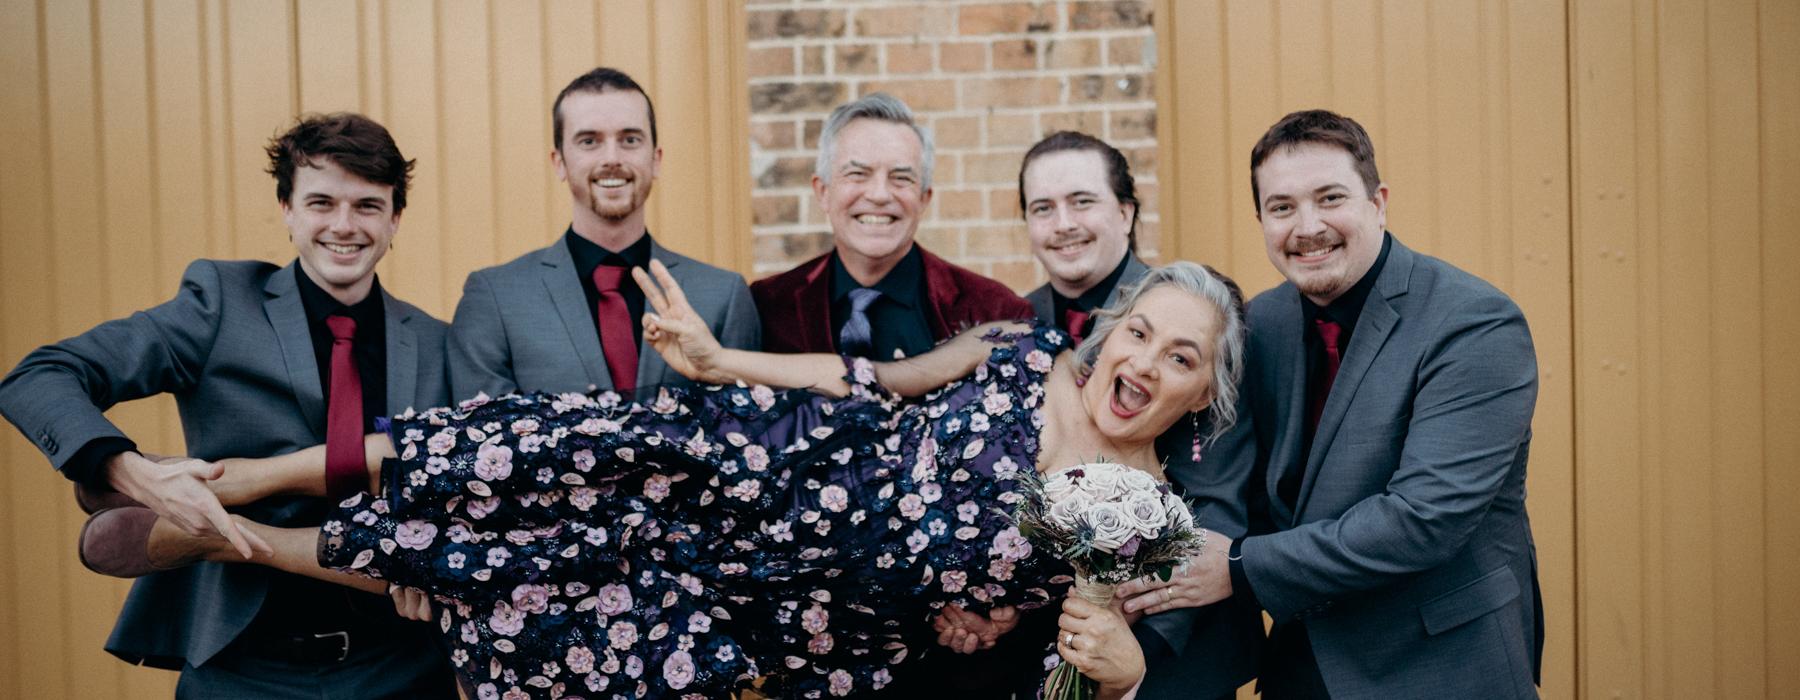 Rundle Weddings